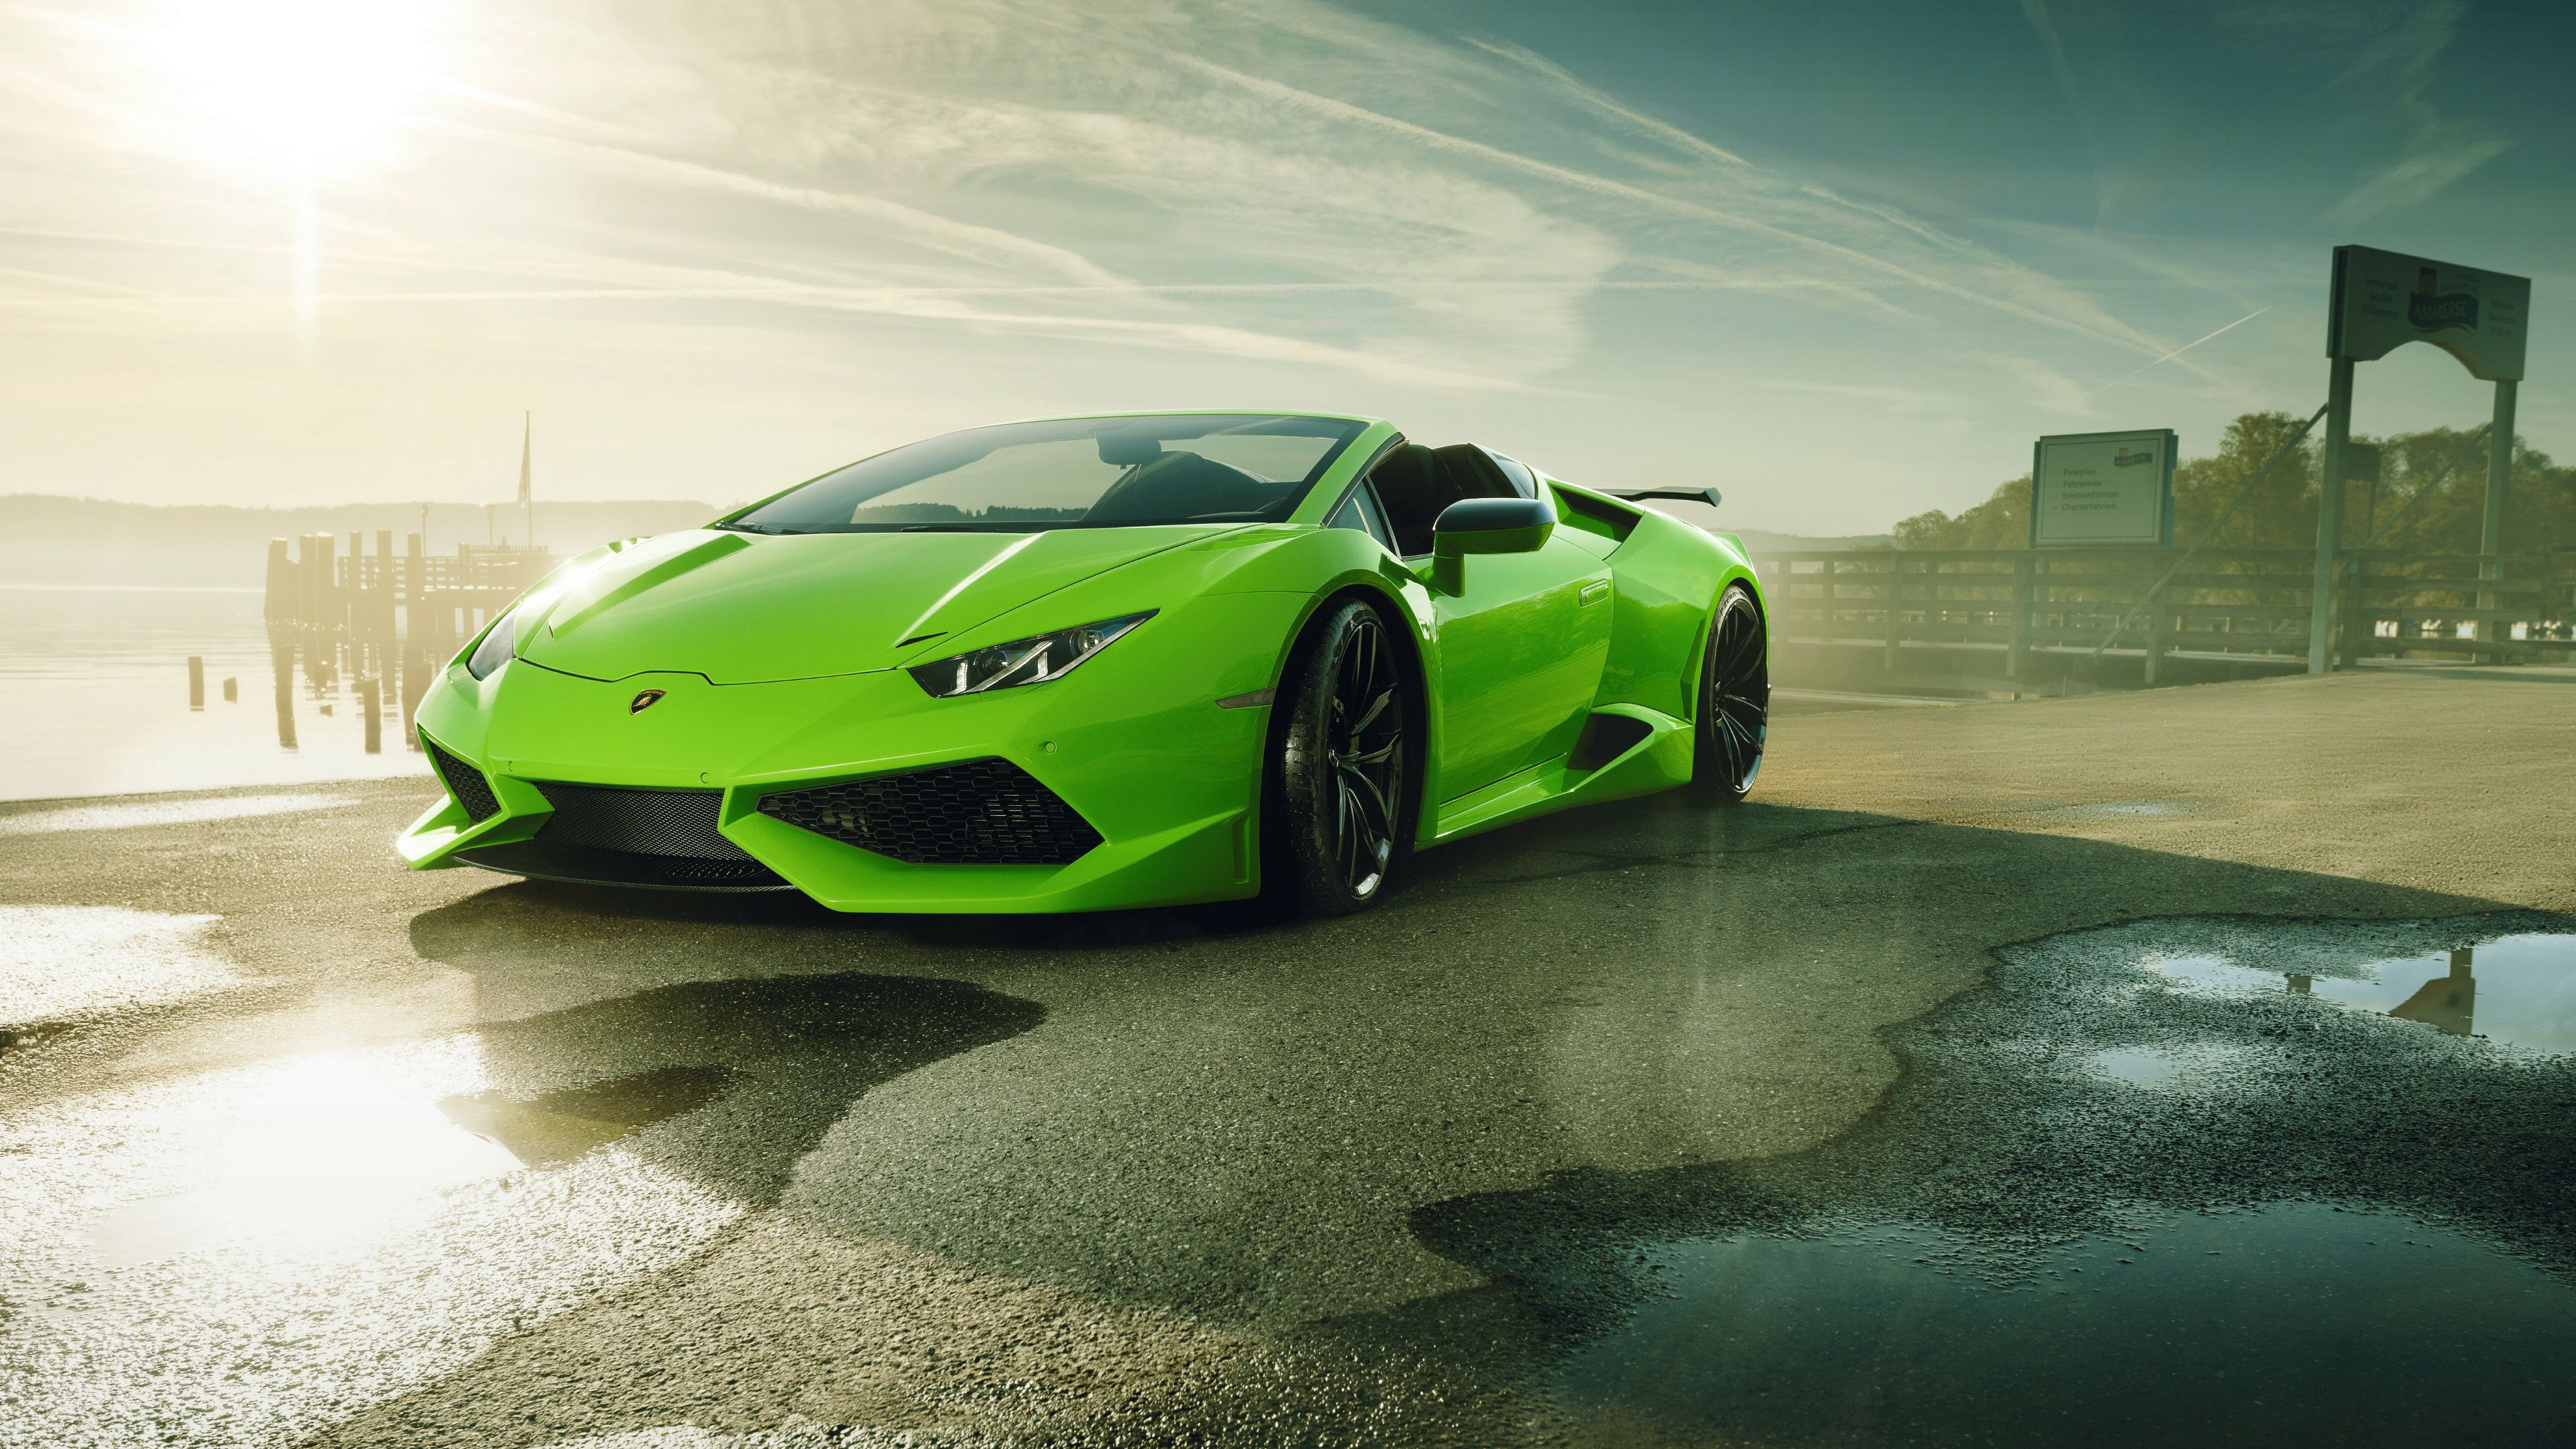 Lamborghini Huracan 4k Wallpapers Top Free Lamborghini Huracan 4k Backgrounds Wallpaperaccess